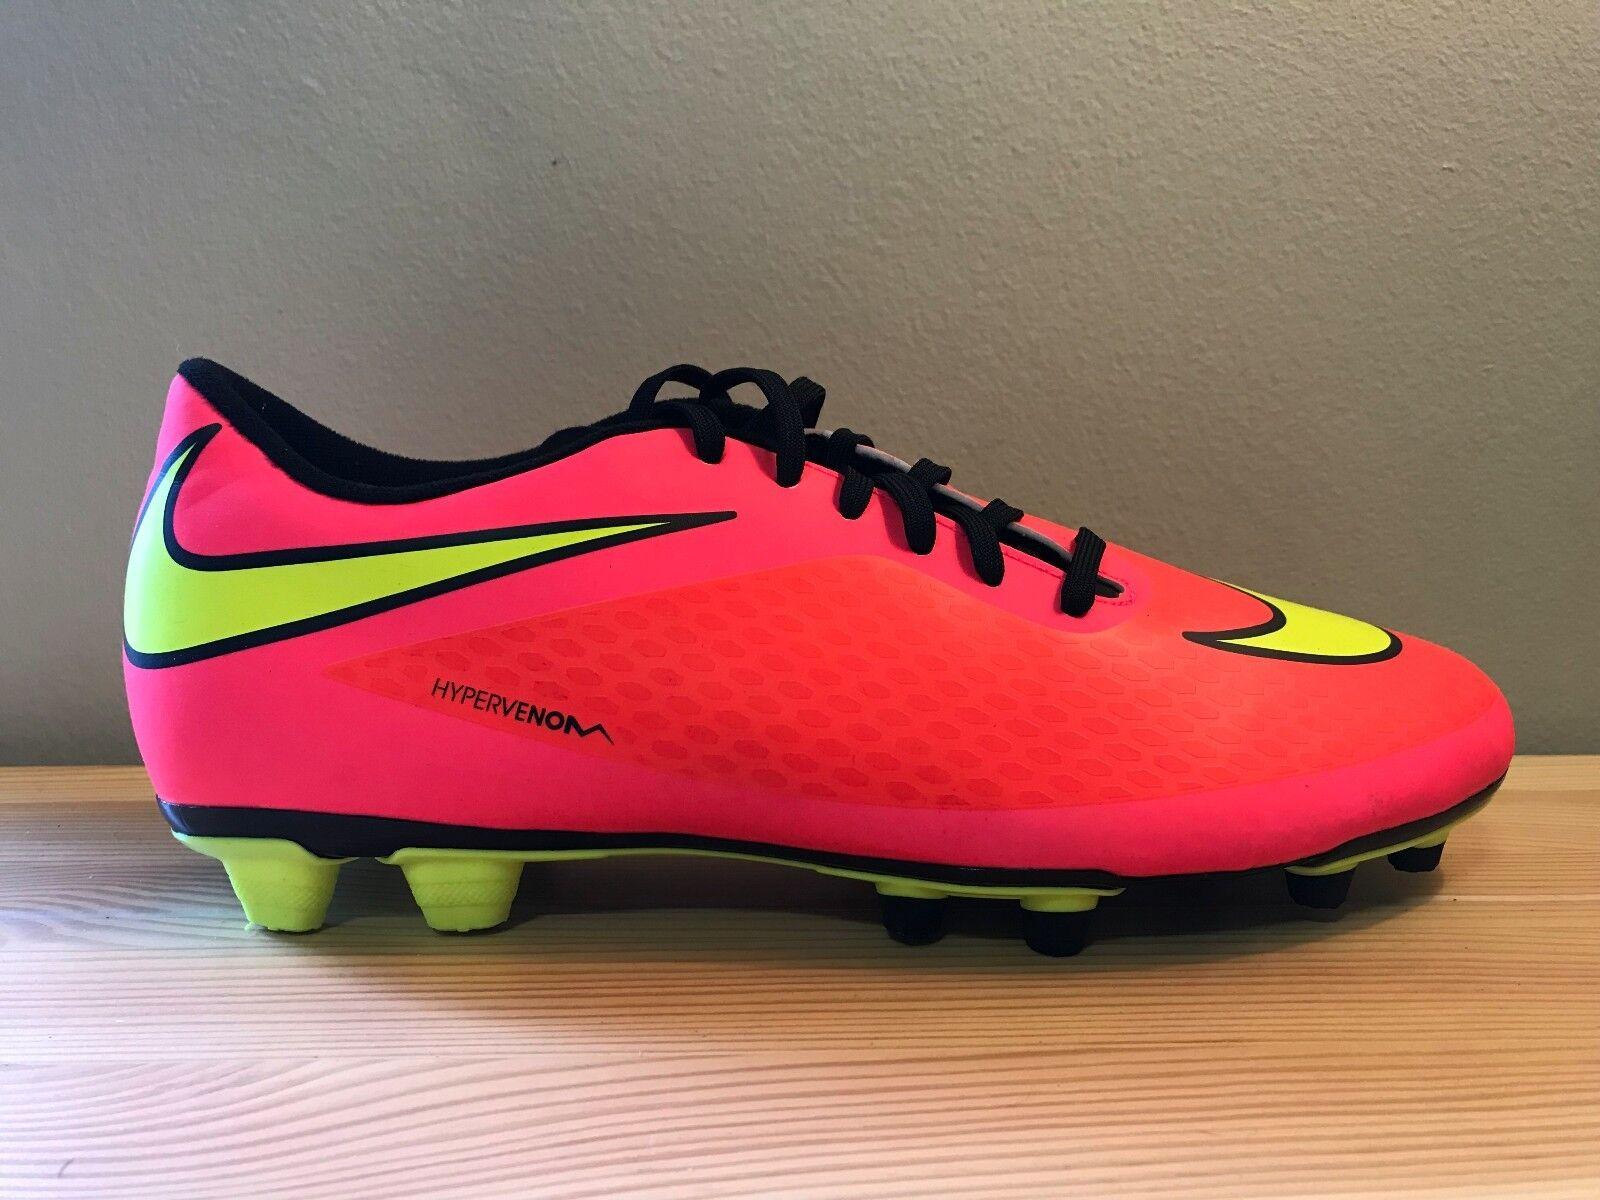 Nike Hypervenom Phade FG Orange Neon Soccer-Cleats 599809-690 Men's Size 11.5